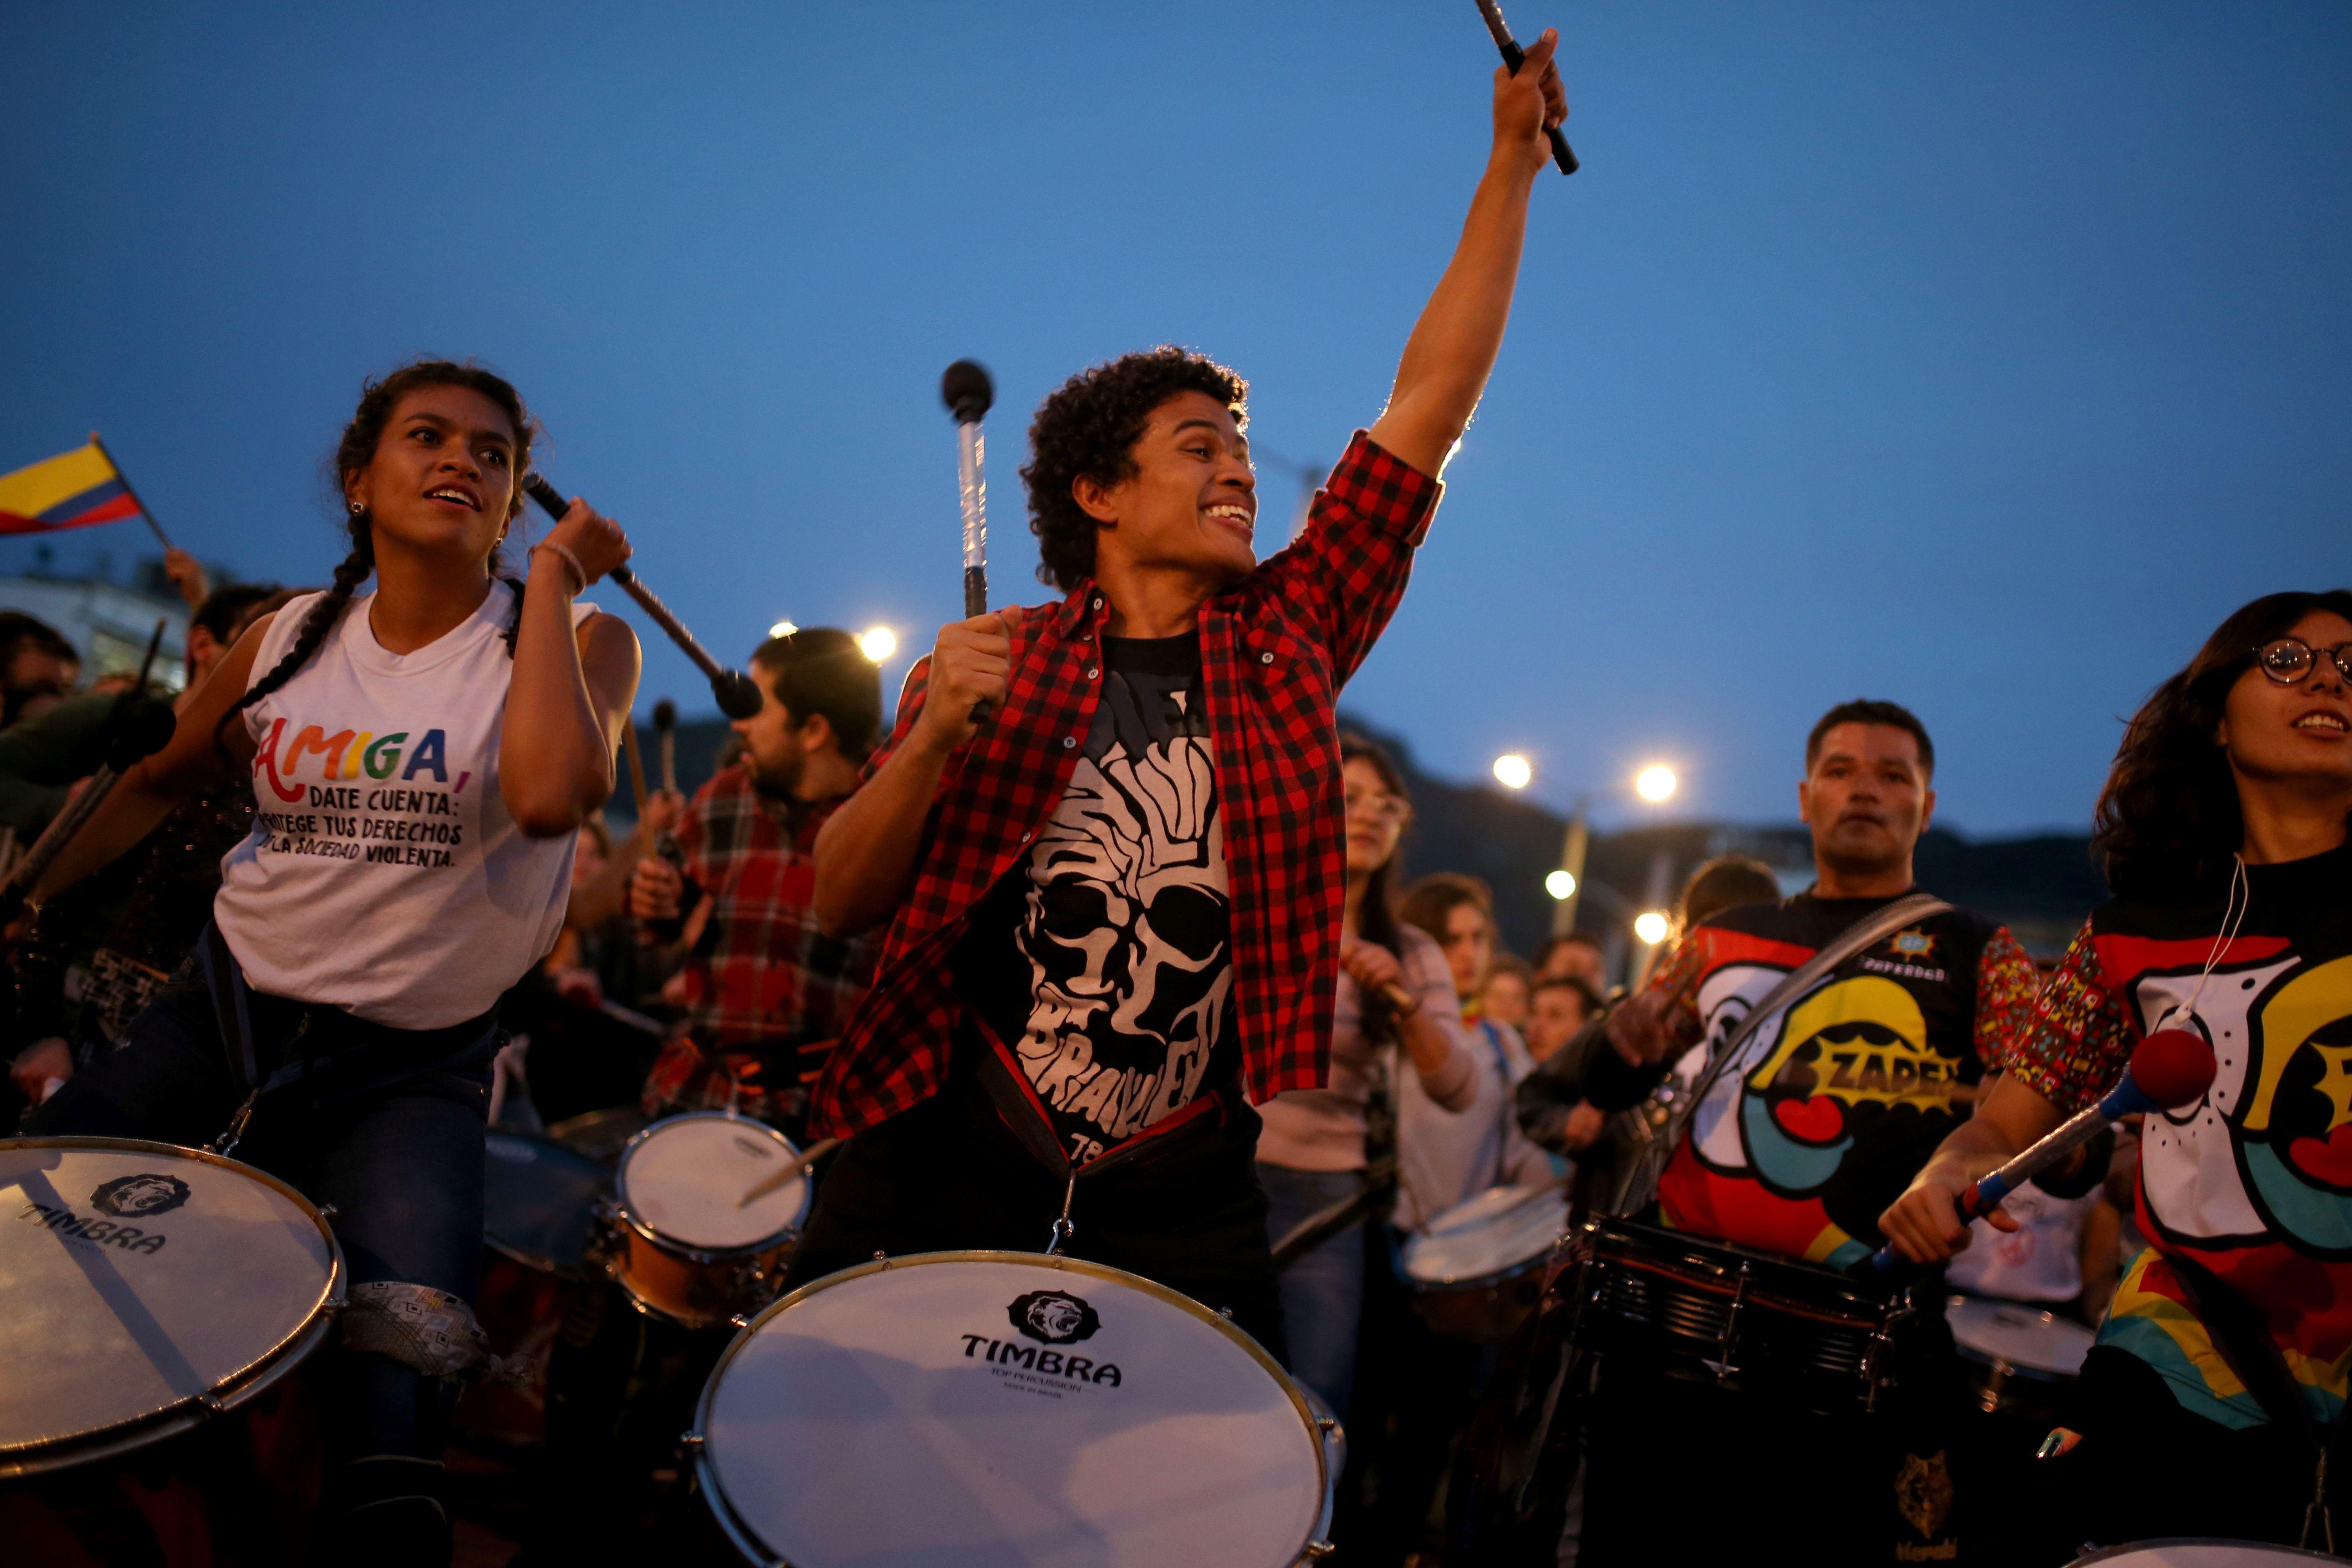 así cambiaron las tendencias musicales en Colombia durante el Paro Nacional  REUTERS/Luisa Gonzalez